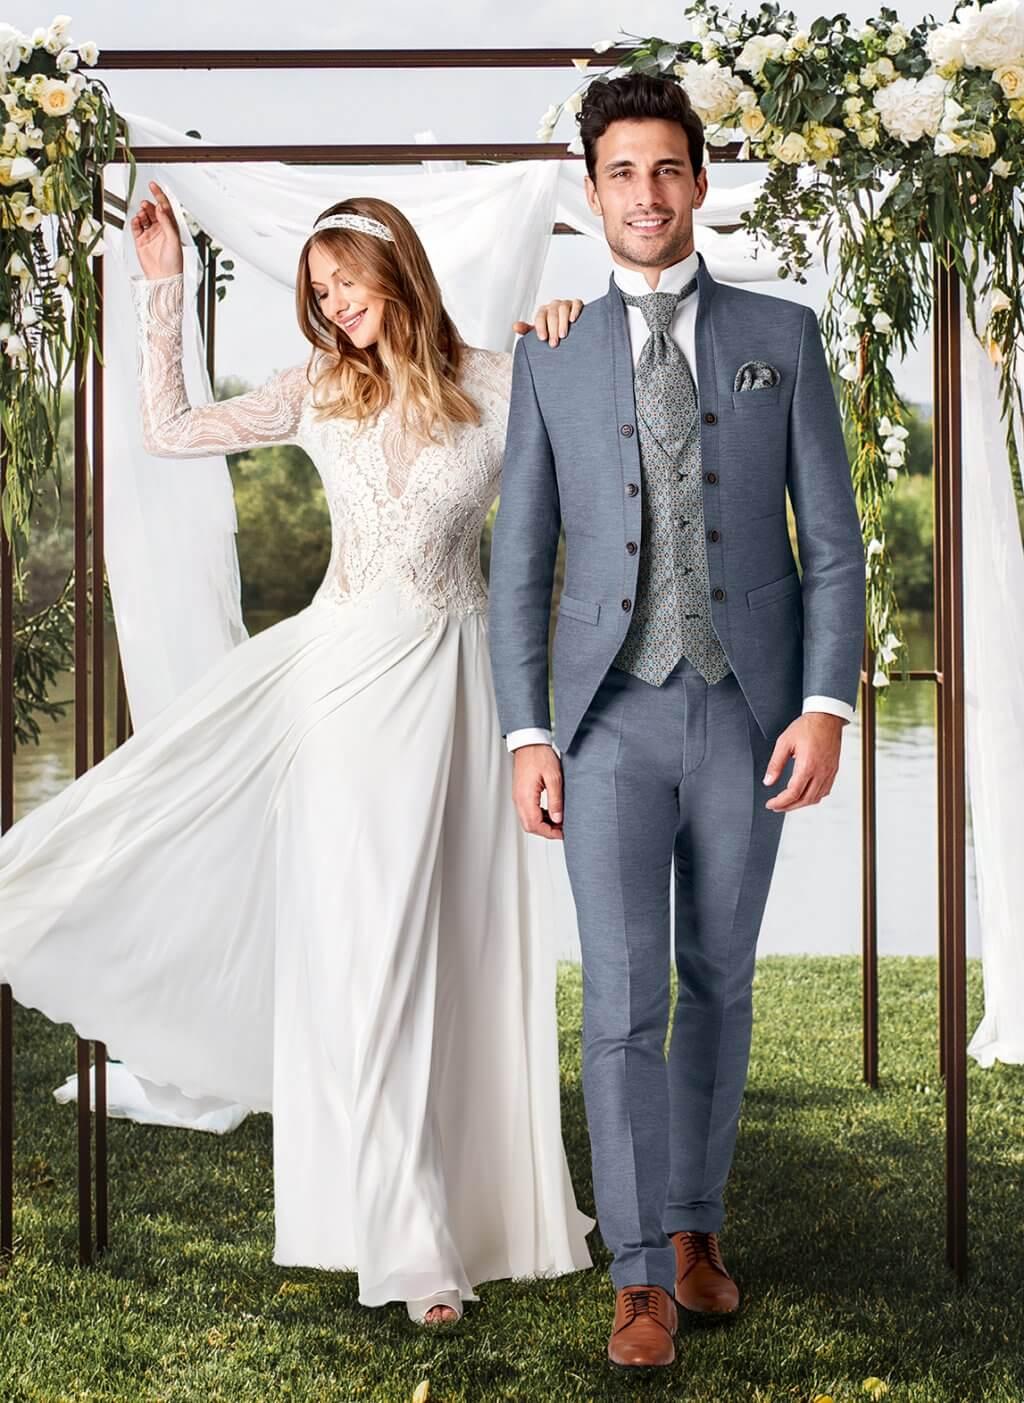 Braut tanzend neben Bräutigam im blauen Anzug